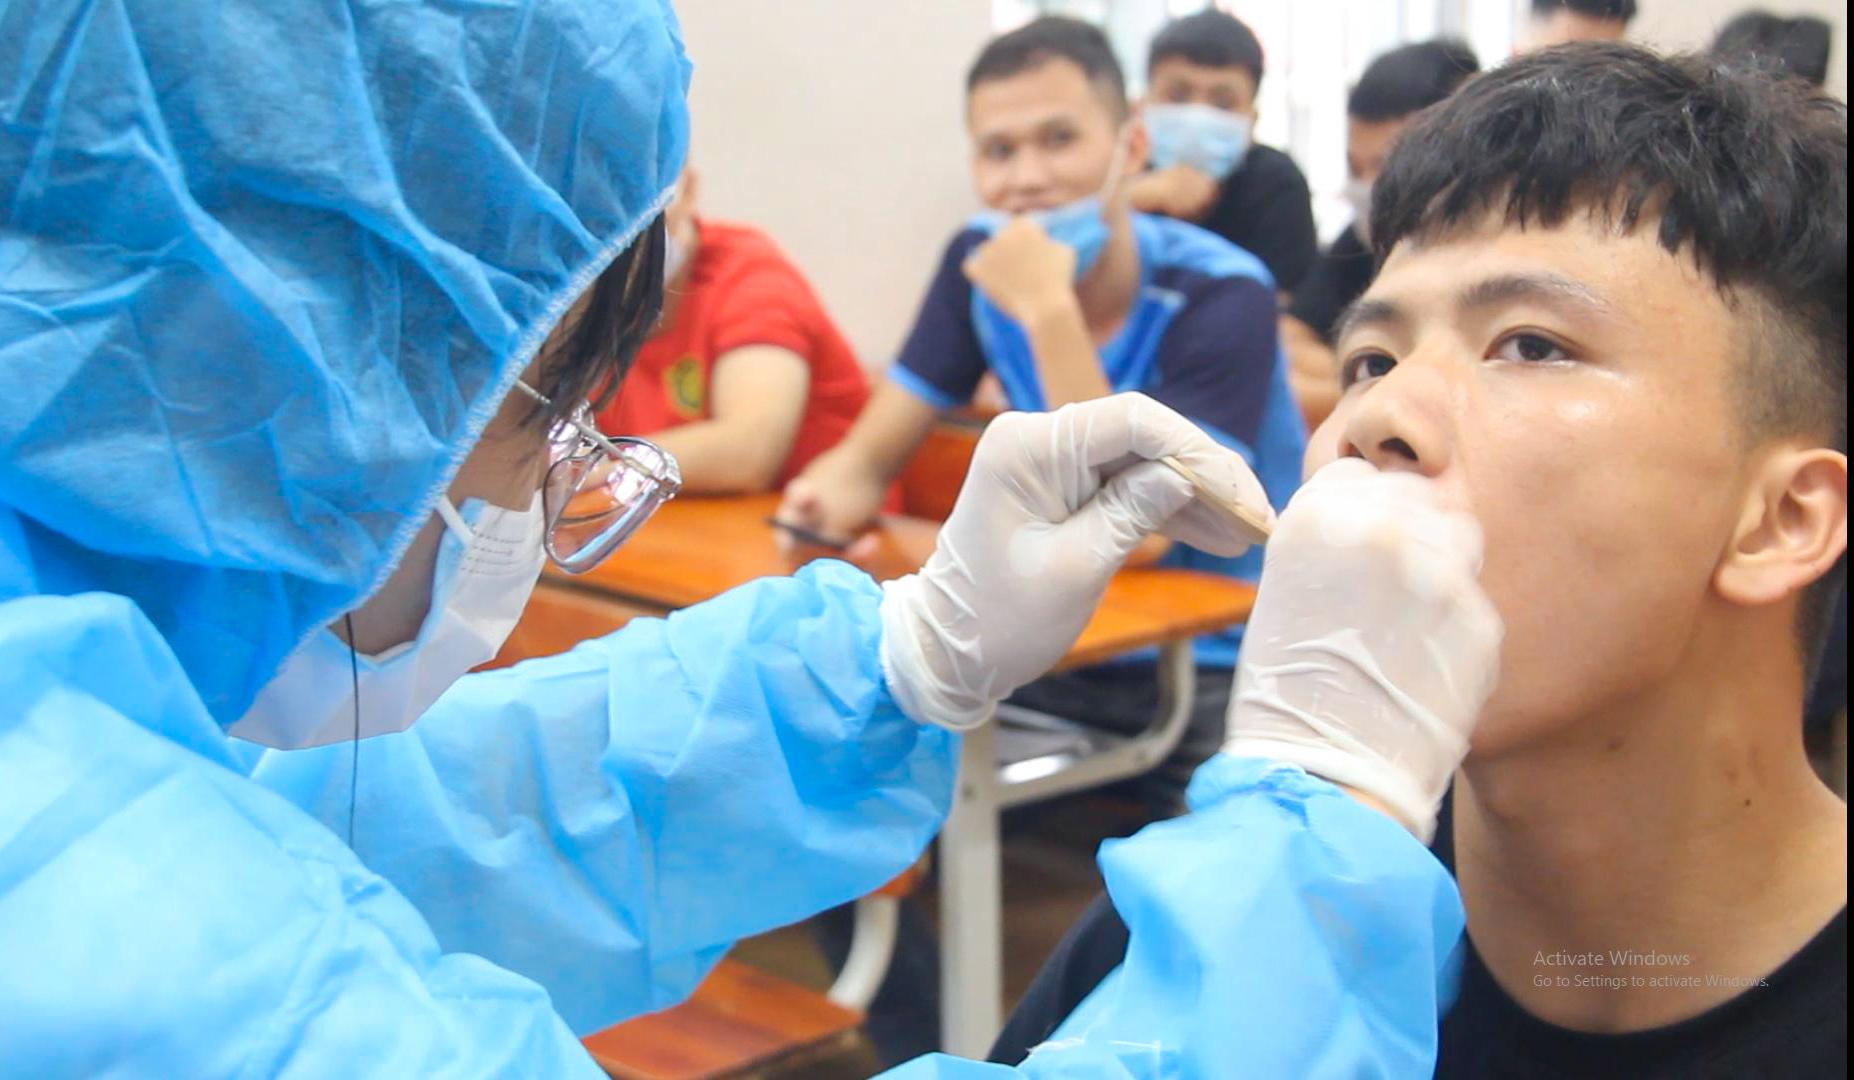 Công ty LETCO, Đại học Công nghiệp Hà Nội đưa 19 Kỹ thuật viên Advantec tới Nhật Bản làm việc sau thời gian dài ảnh hưởng dịch Covid-19